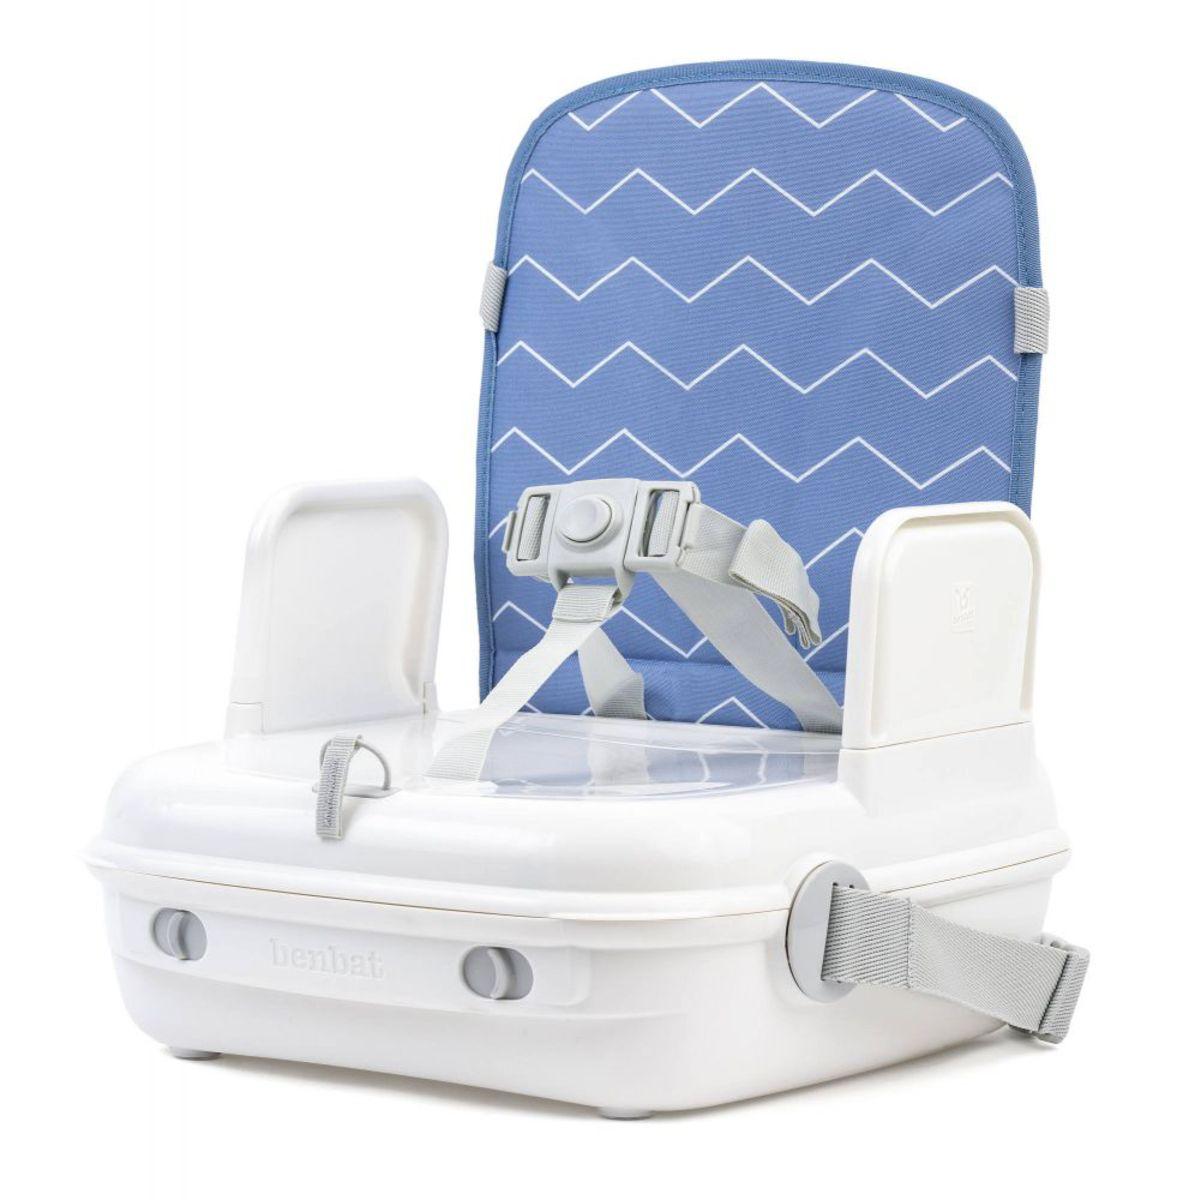 Chaise haute Rehausseur Portable YummiGo 2 - Bleu Rehausseur Portable YummiGo 2 - Bleu